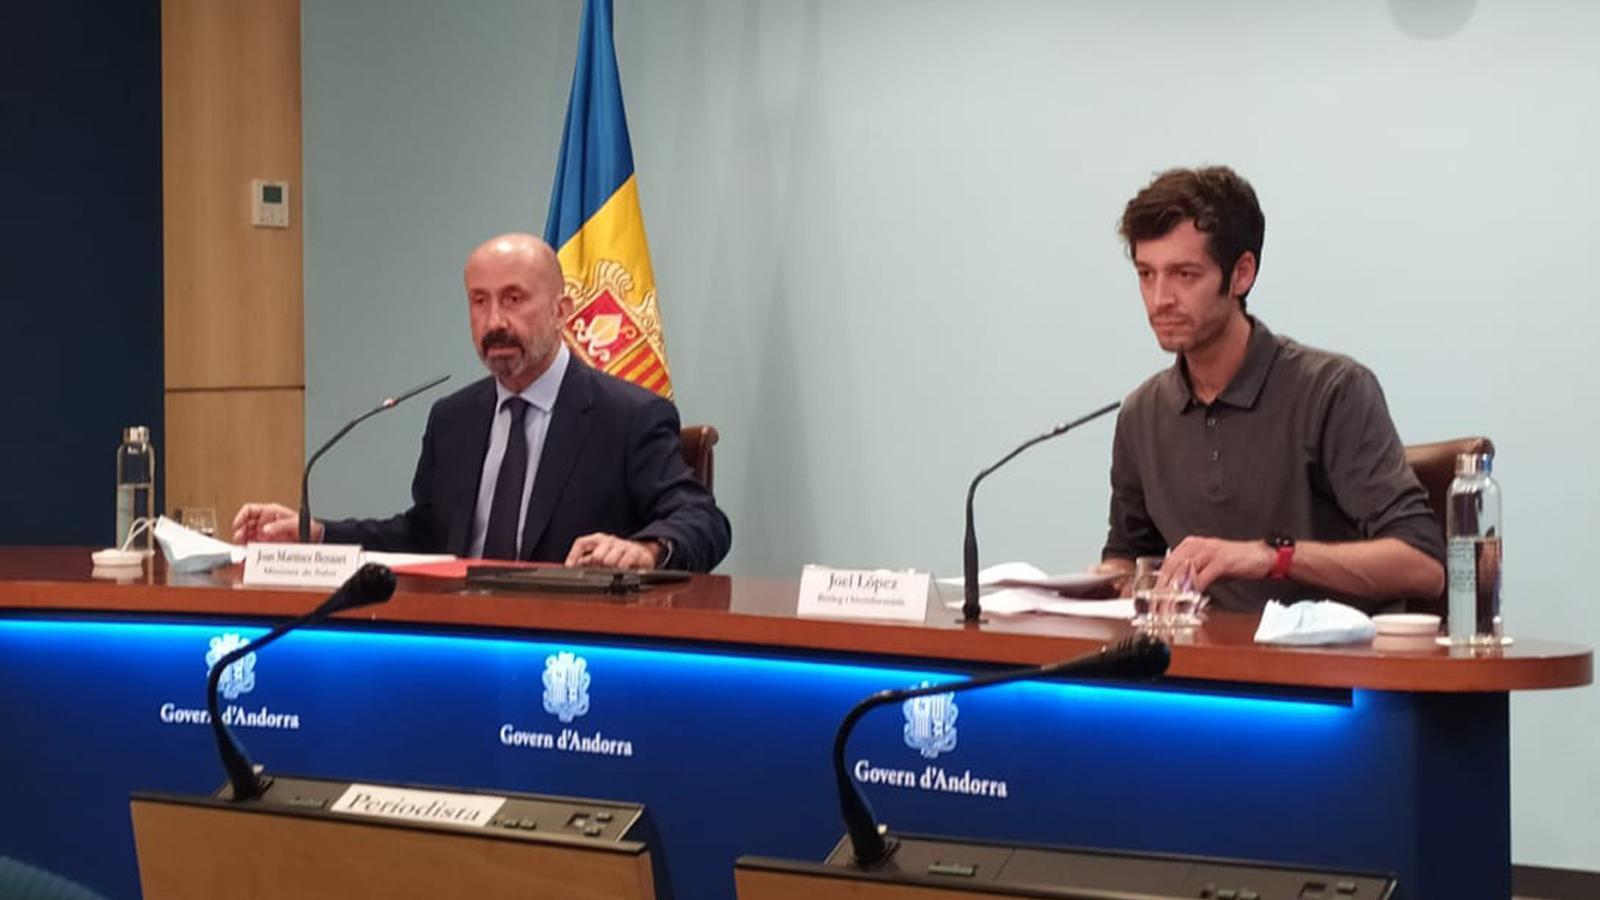 El ministre de Salut, Joan Martínez Benazet i el biòleg i bioinformàtic Joel López. / TWITTER GOVERN D'ANDORRA